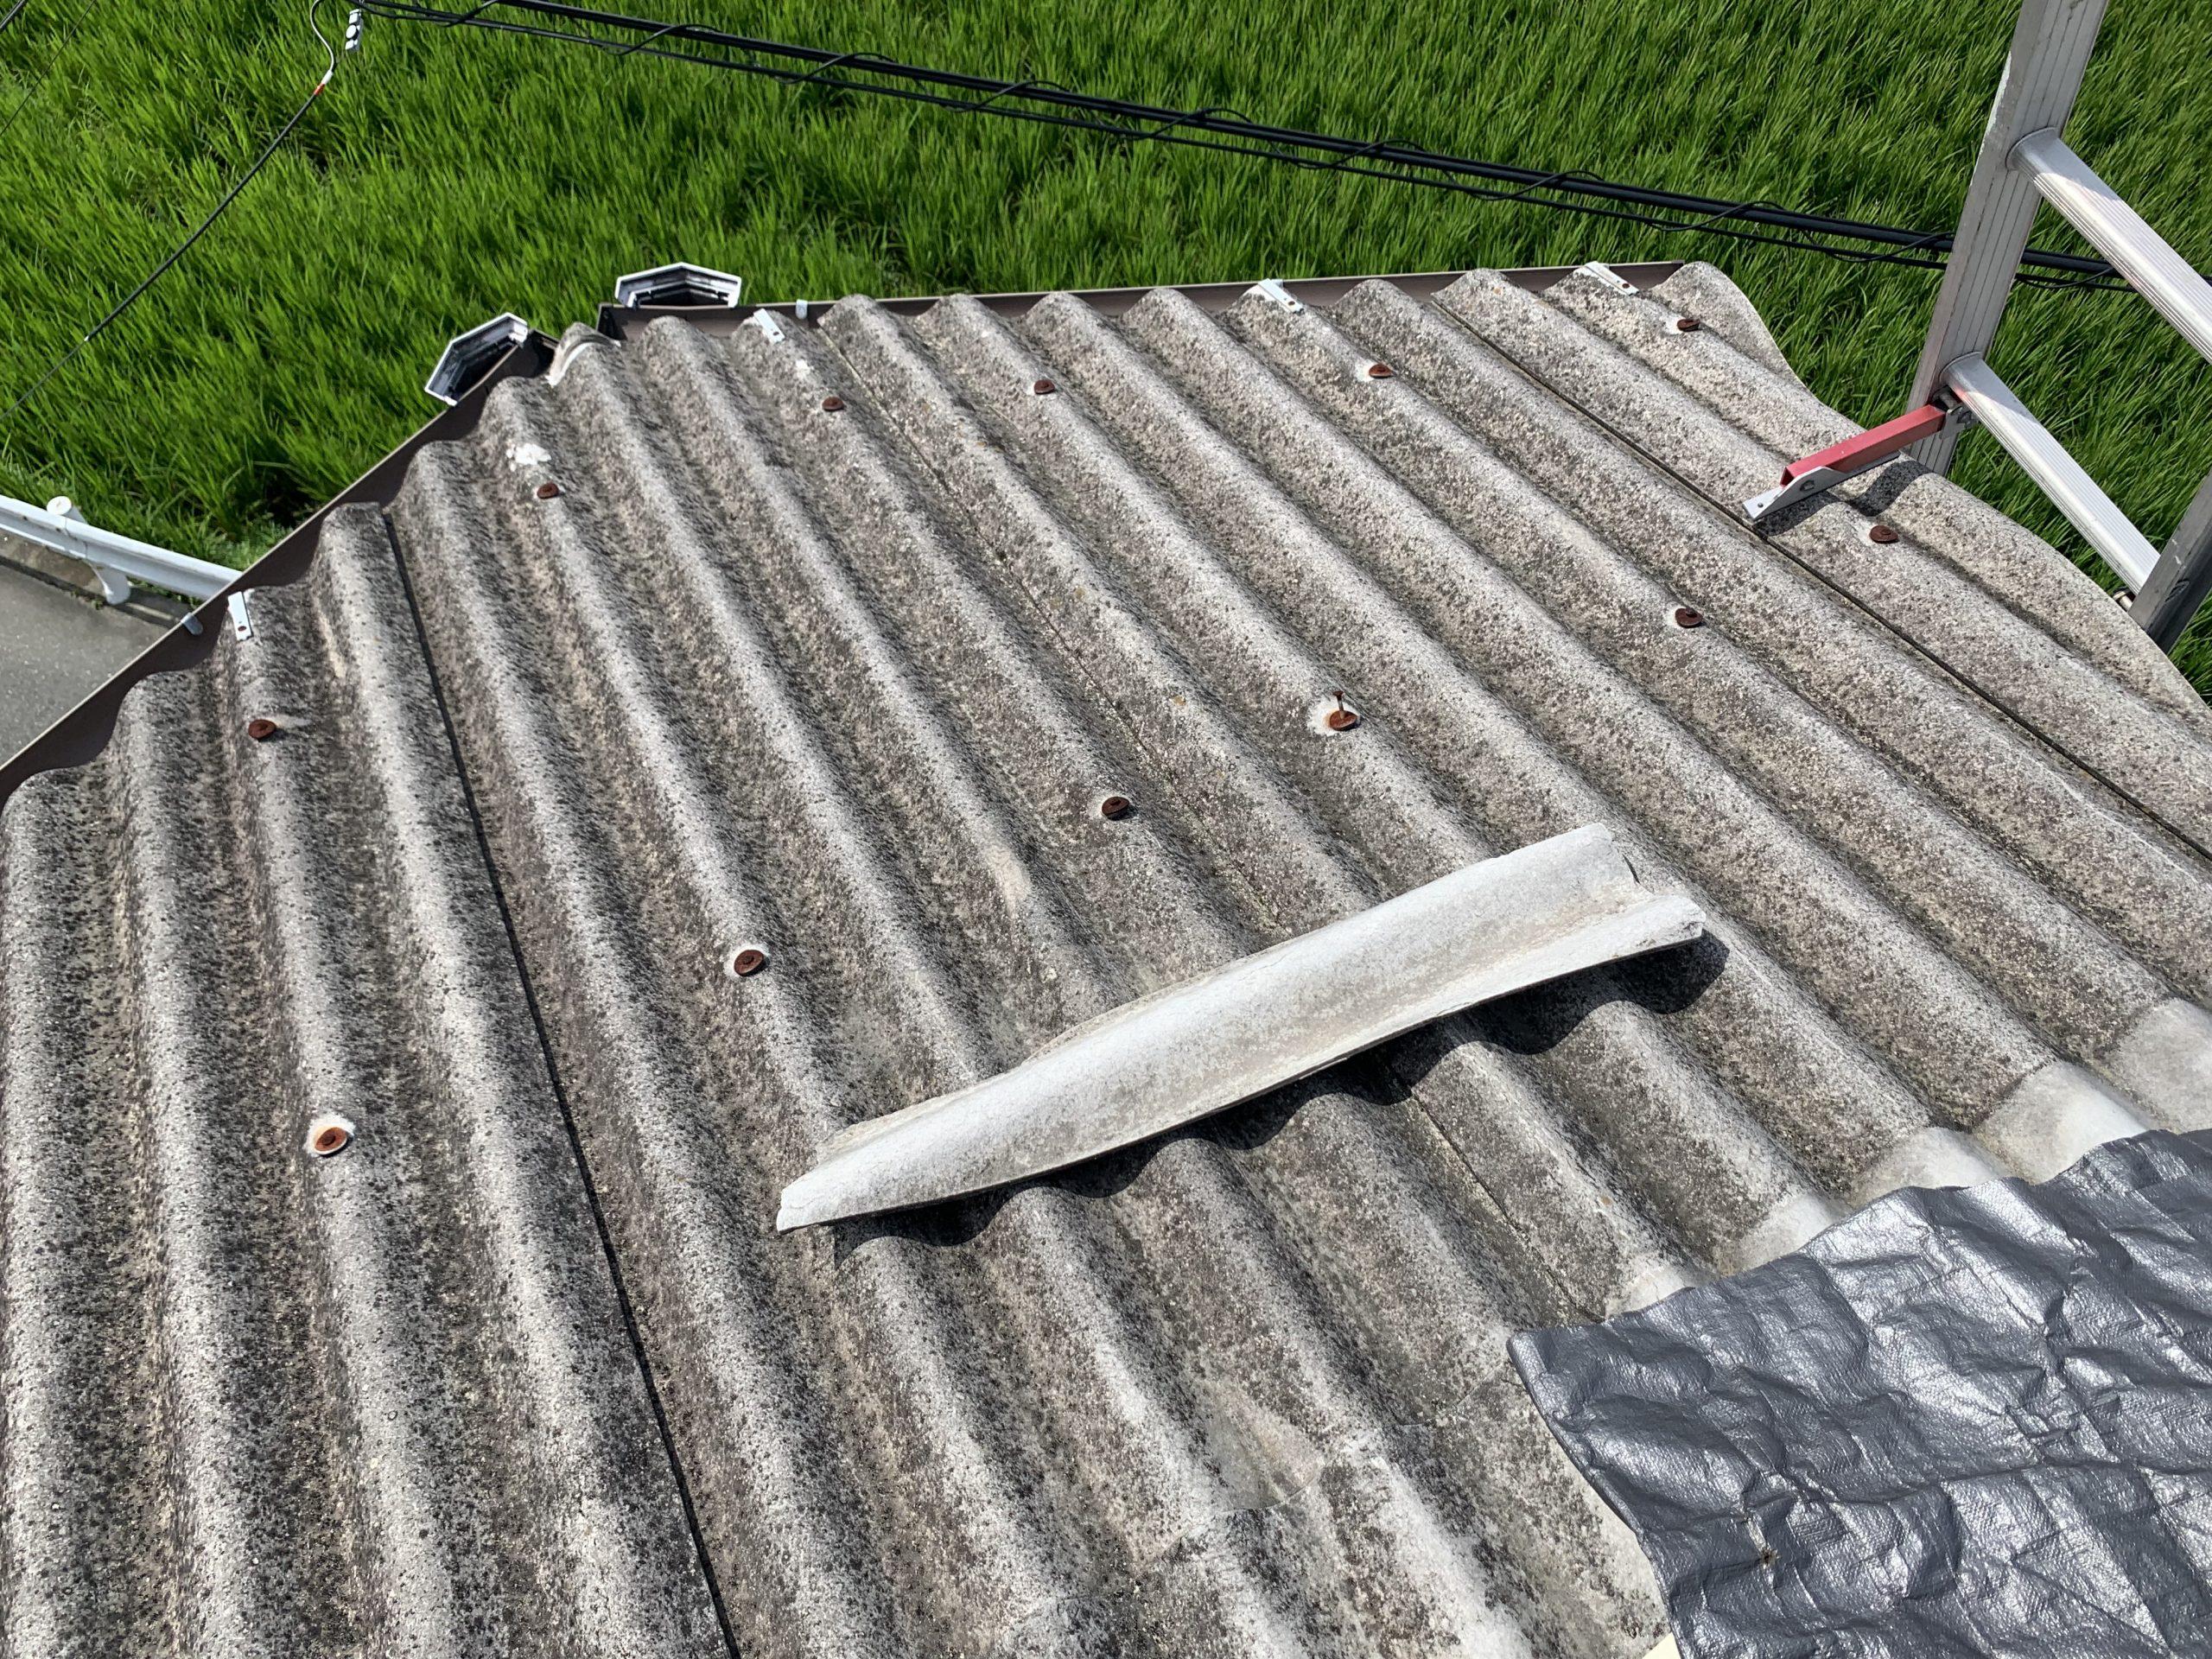 台風被害により破損した屋根材の破片